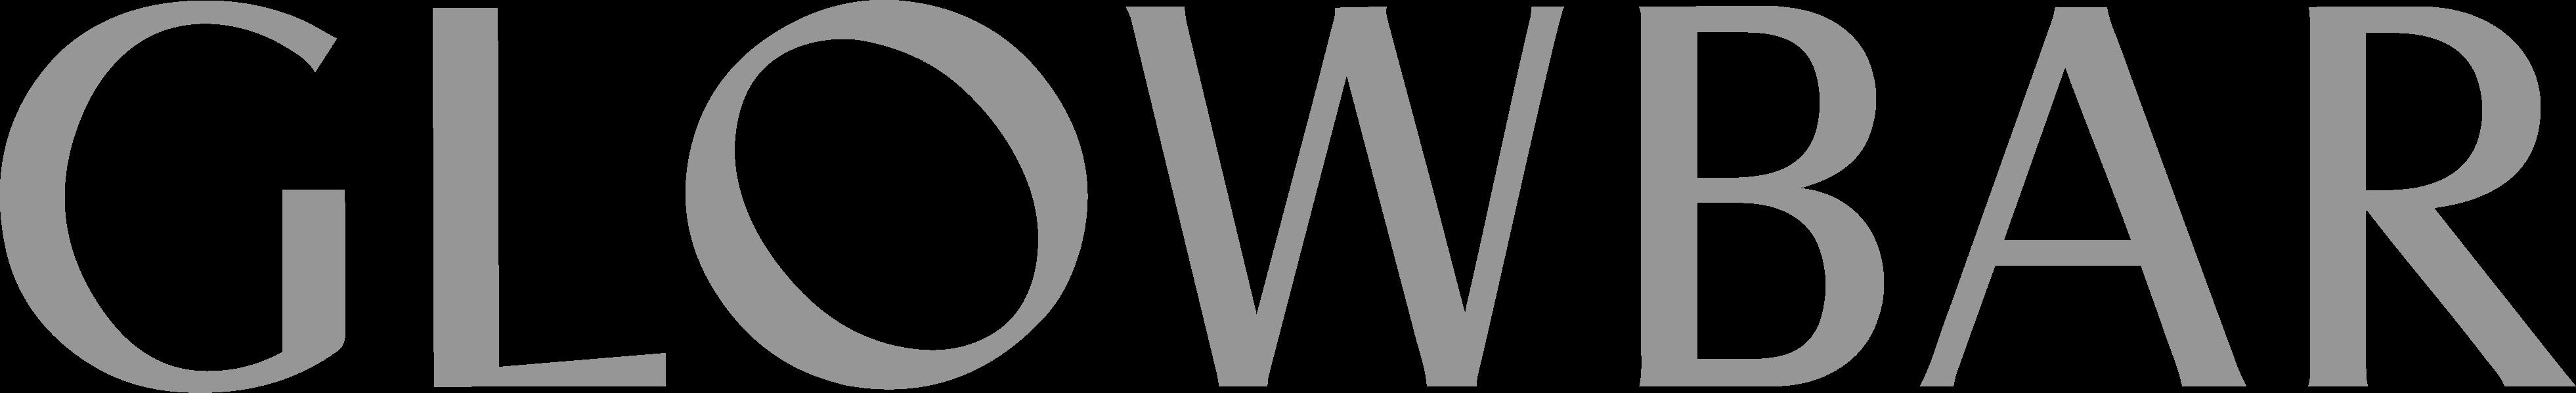 Glowbar logo